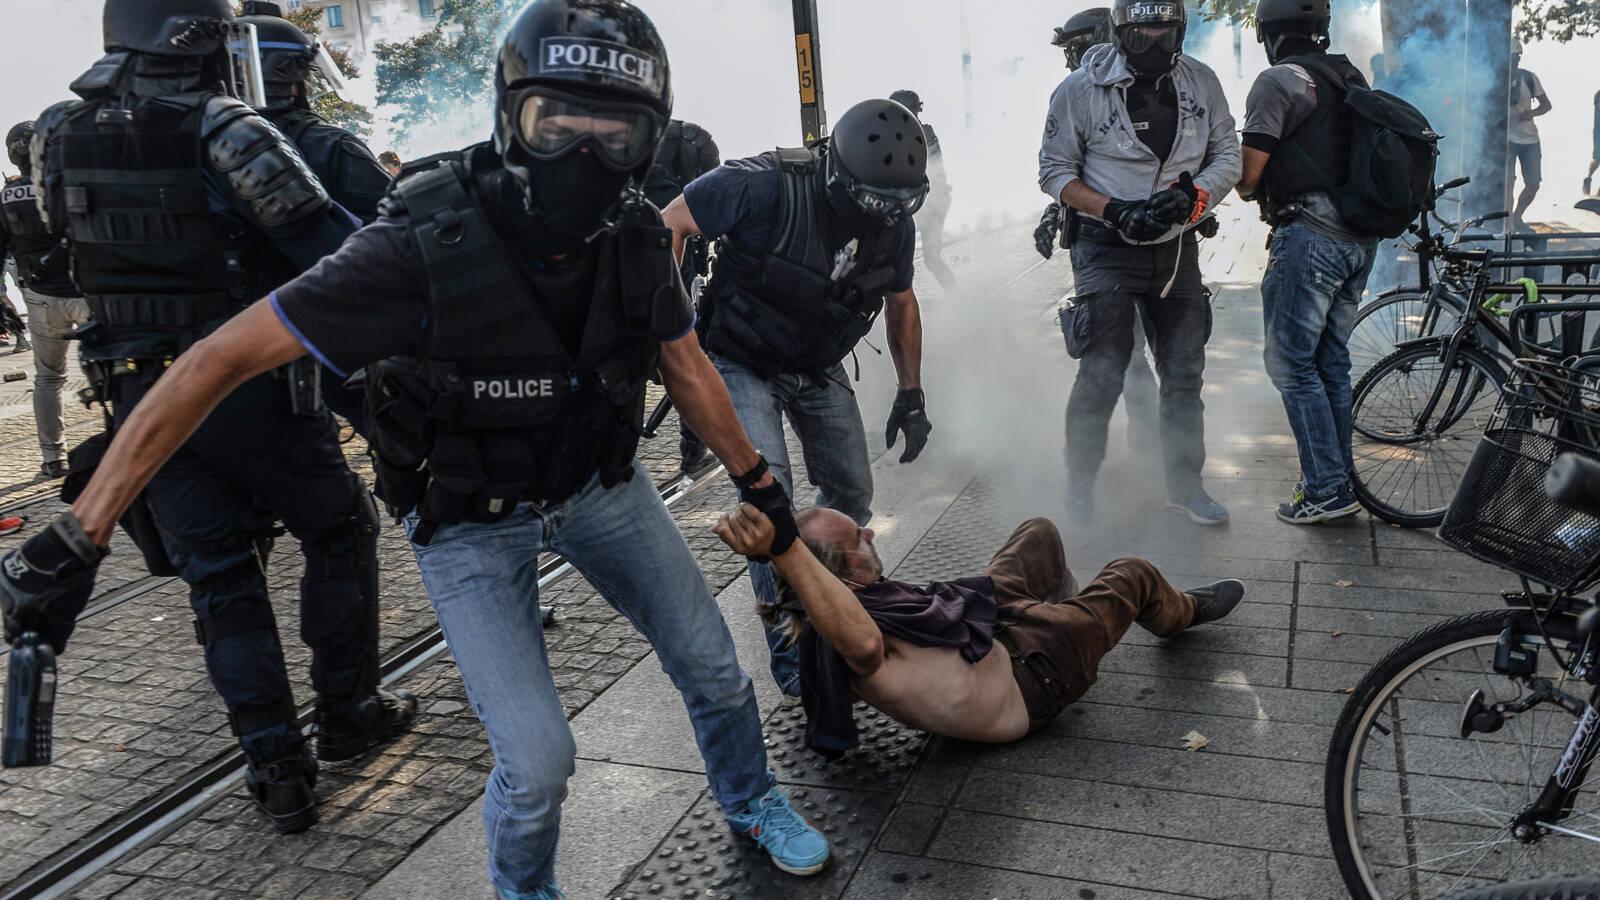 Police arrest Nantes demonstrator, AFP photo